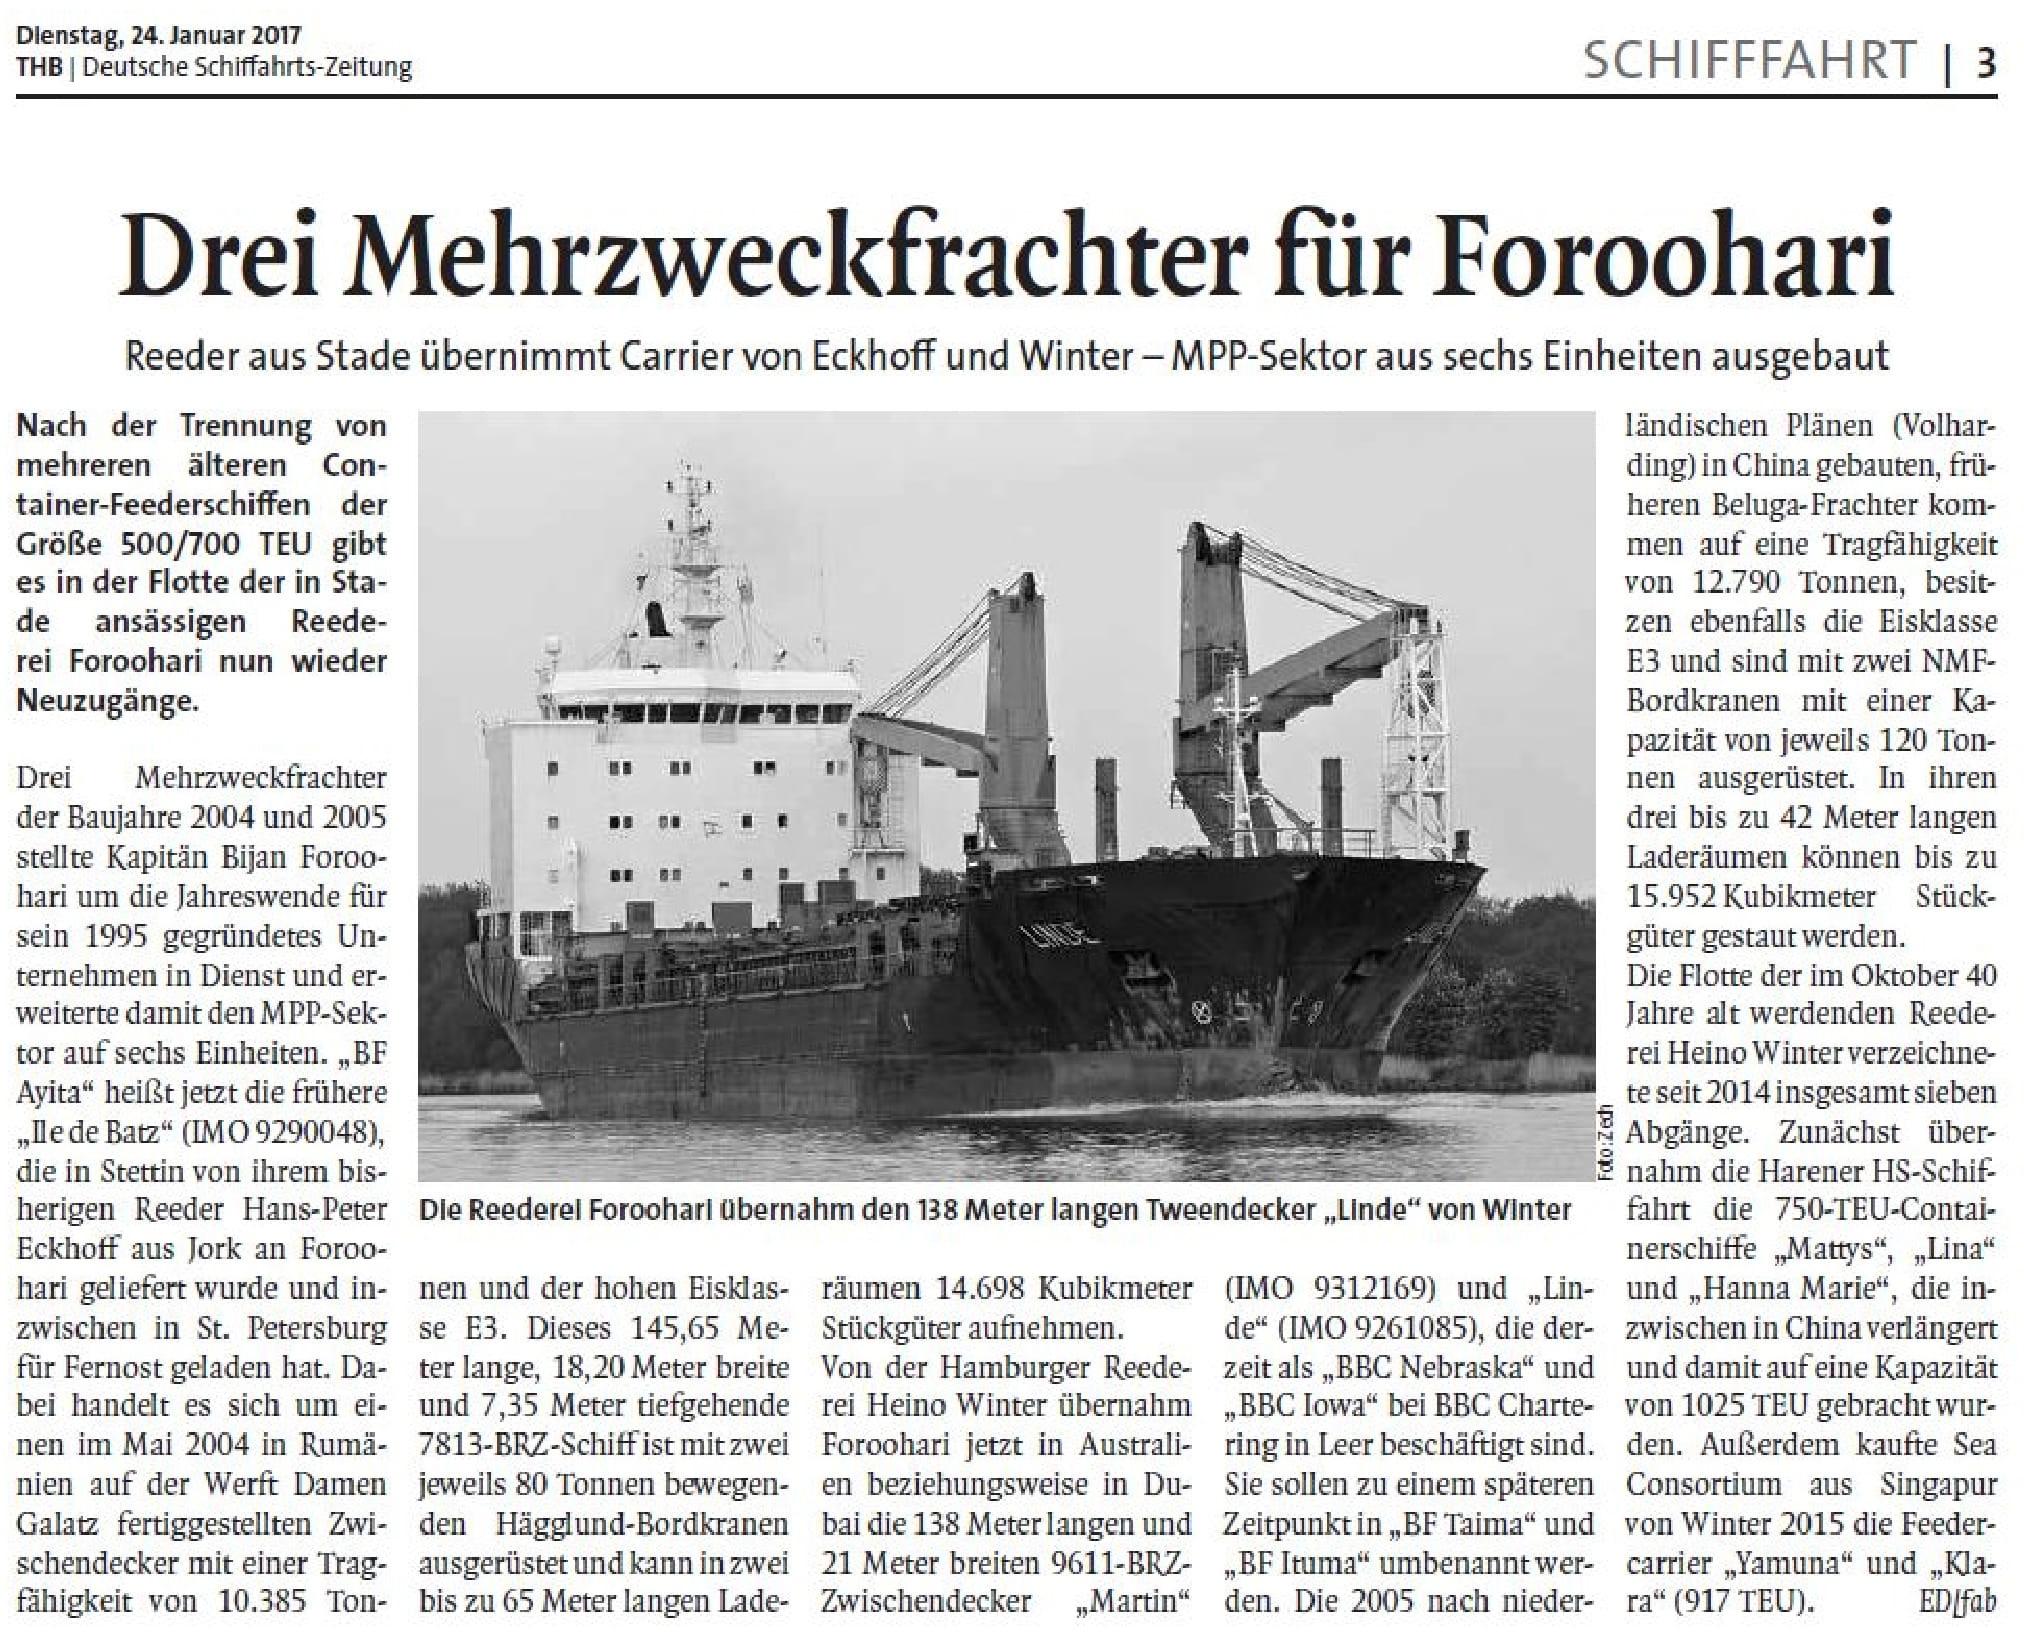 THB Deutsche Schifffahrtszeitung 24.01.2017